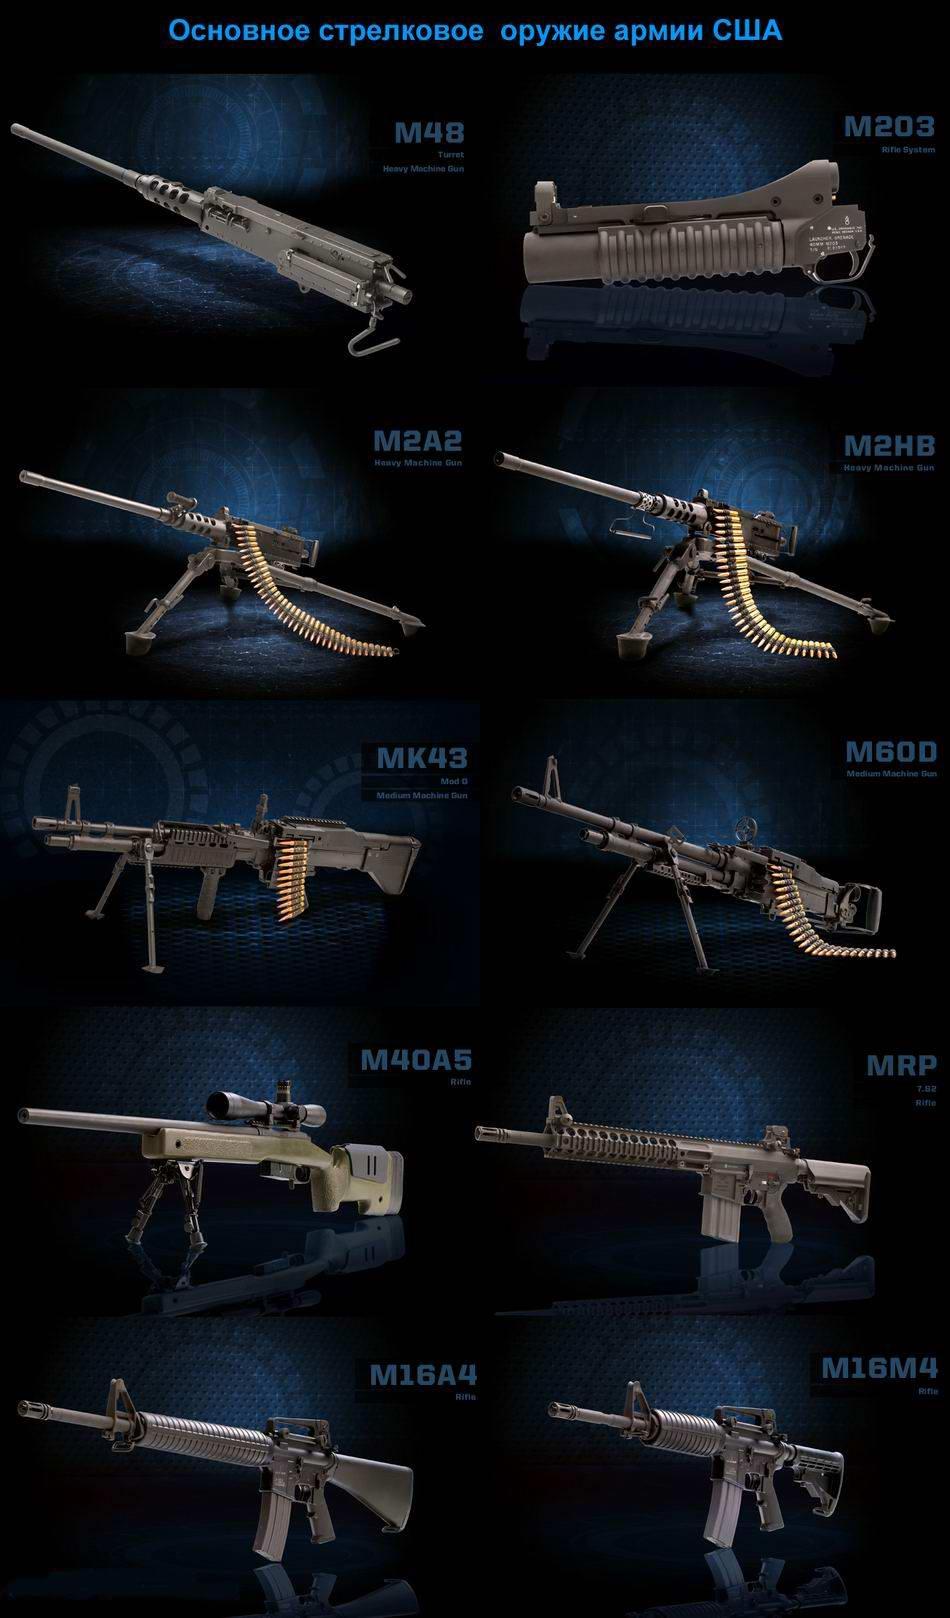 Основное стрелковое оружие армии США (автоматические винтовки и пулеметы)